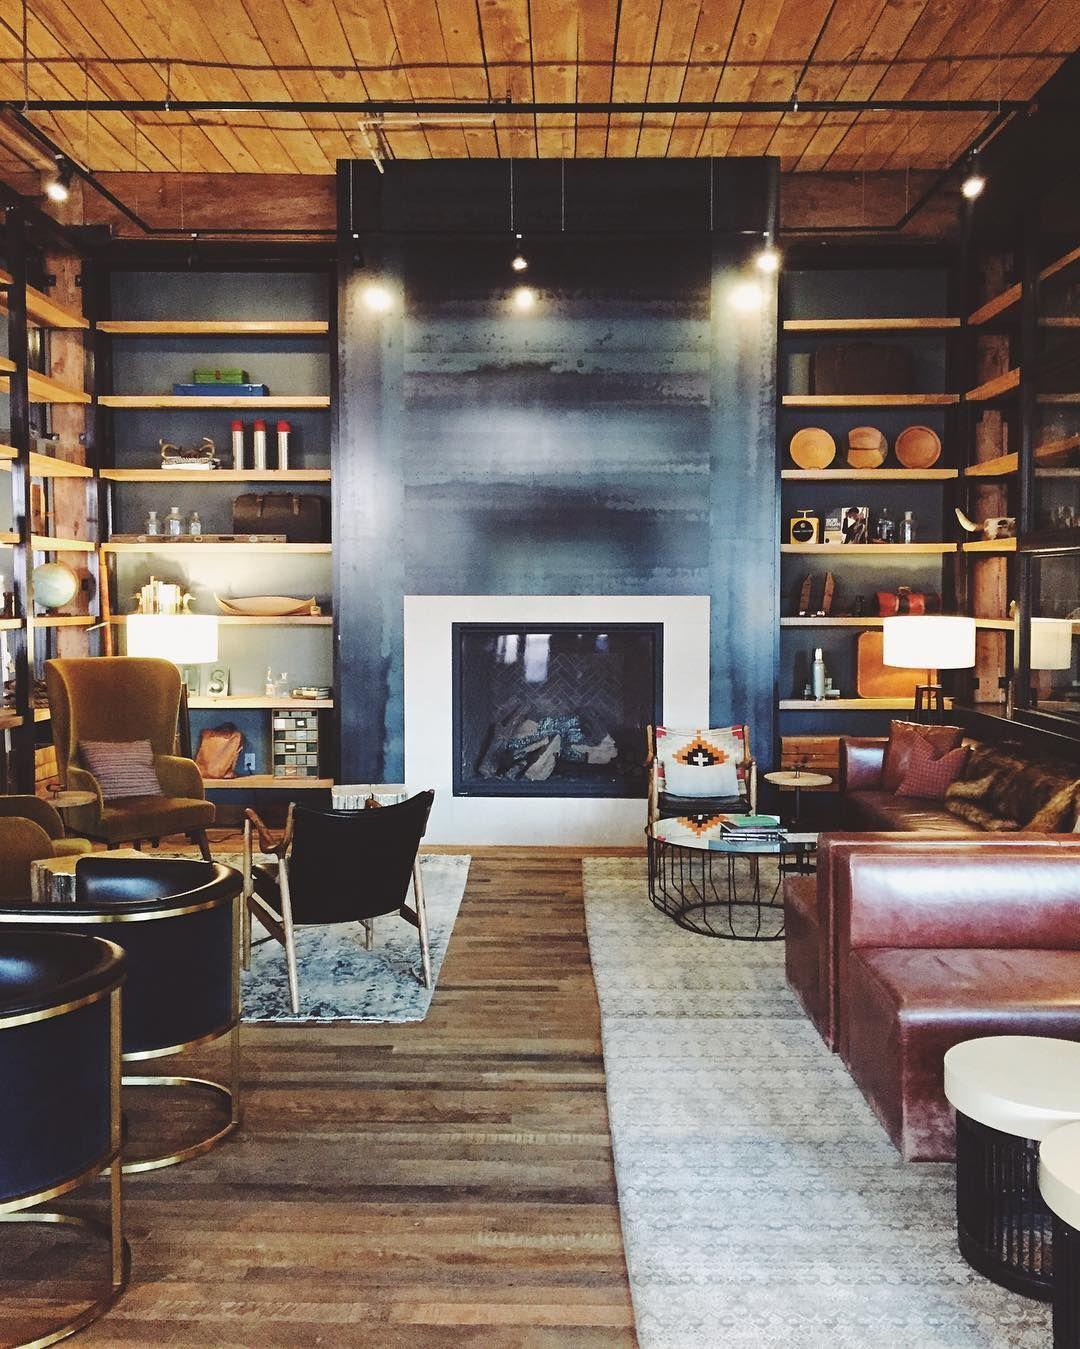 Hewing Hotel, Minneapolis Emily Katz (emily_katz